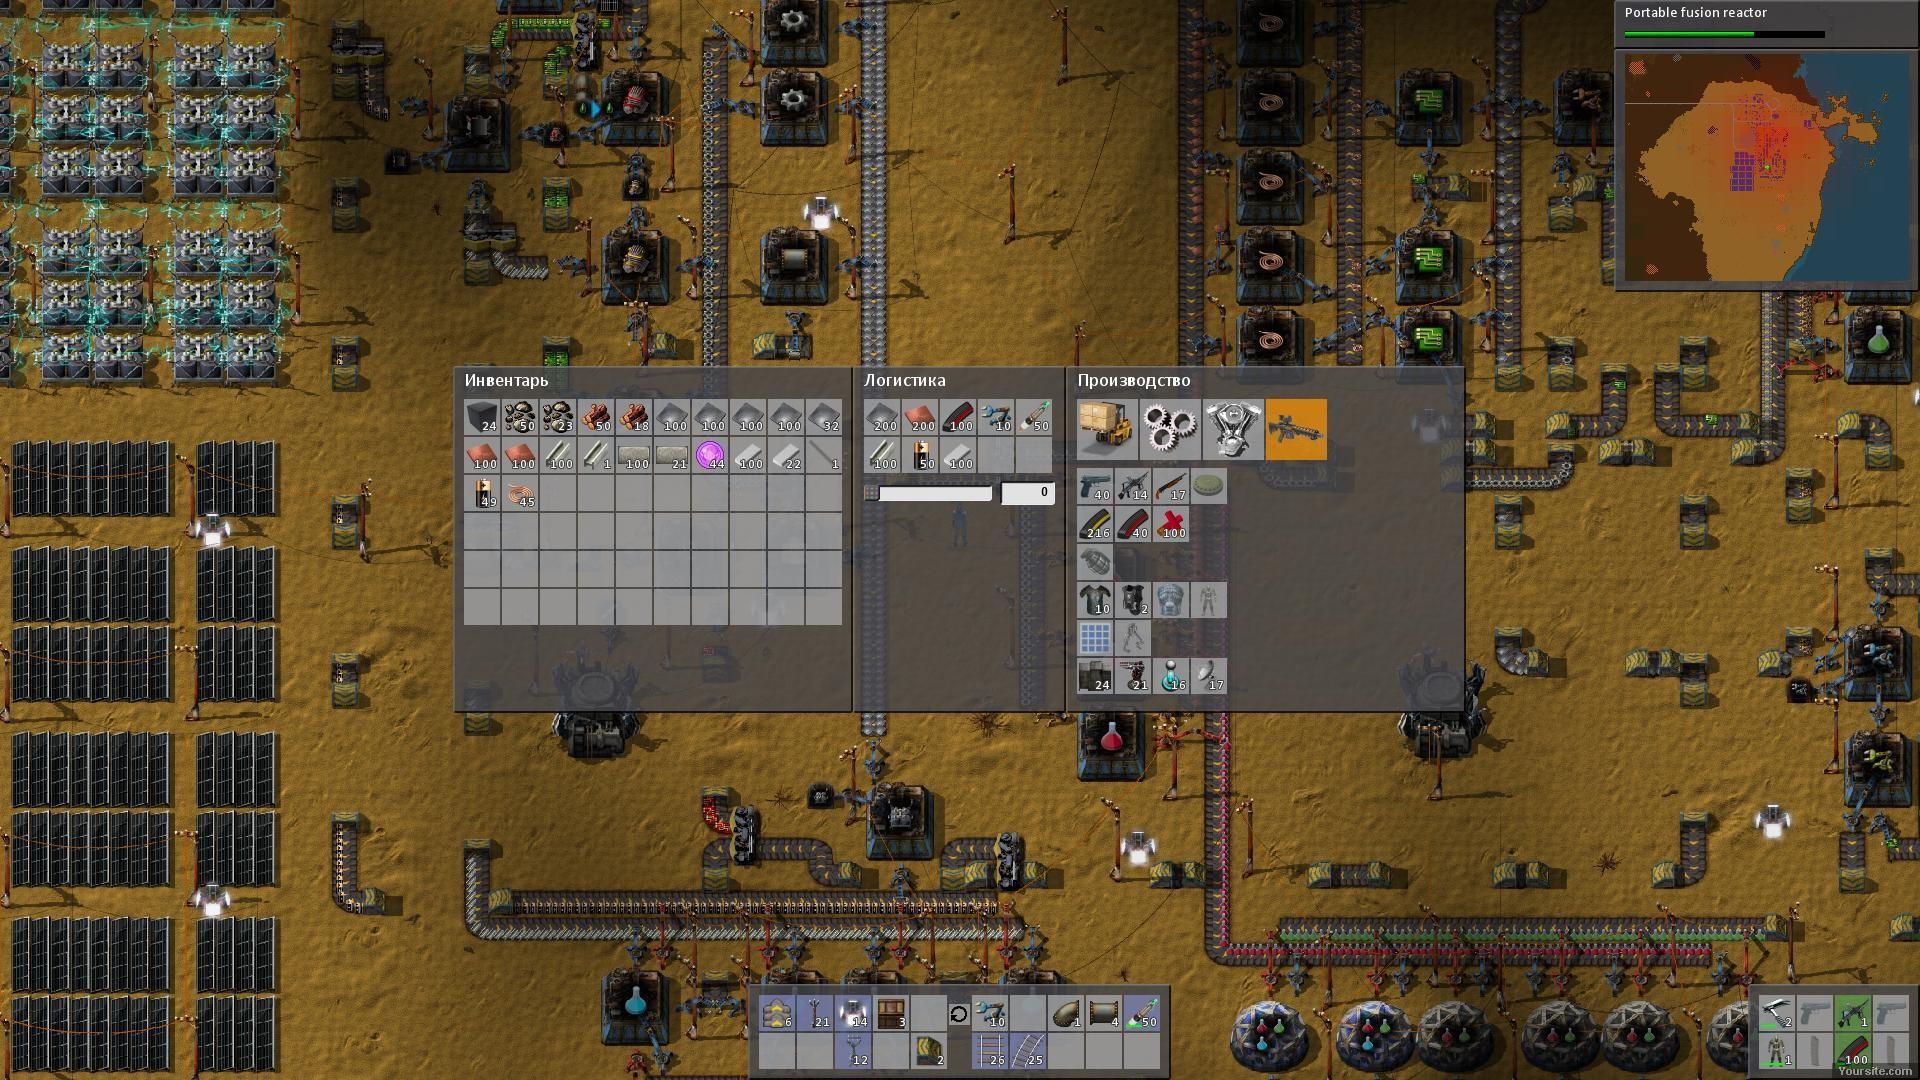 Скачать симуляторы разрушения через торрент